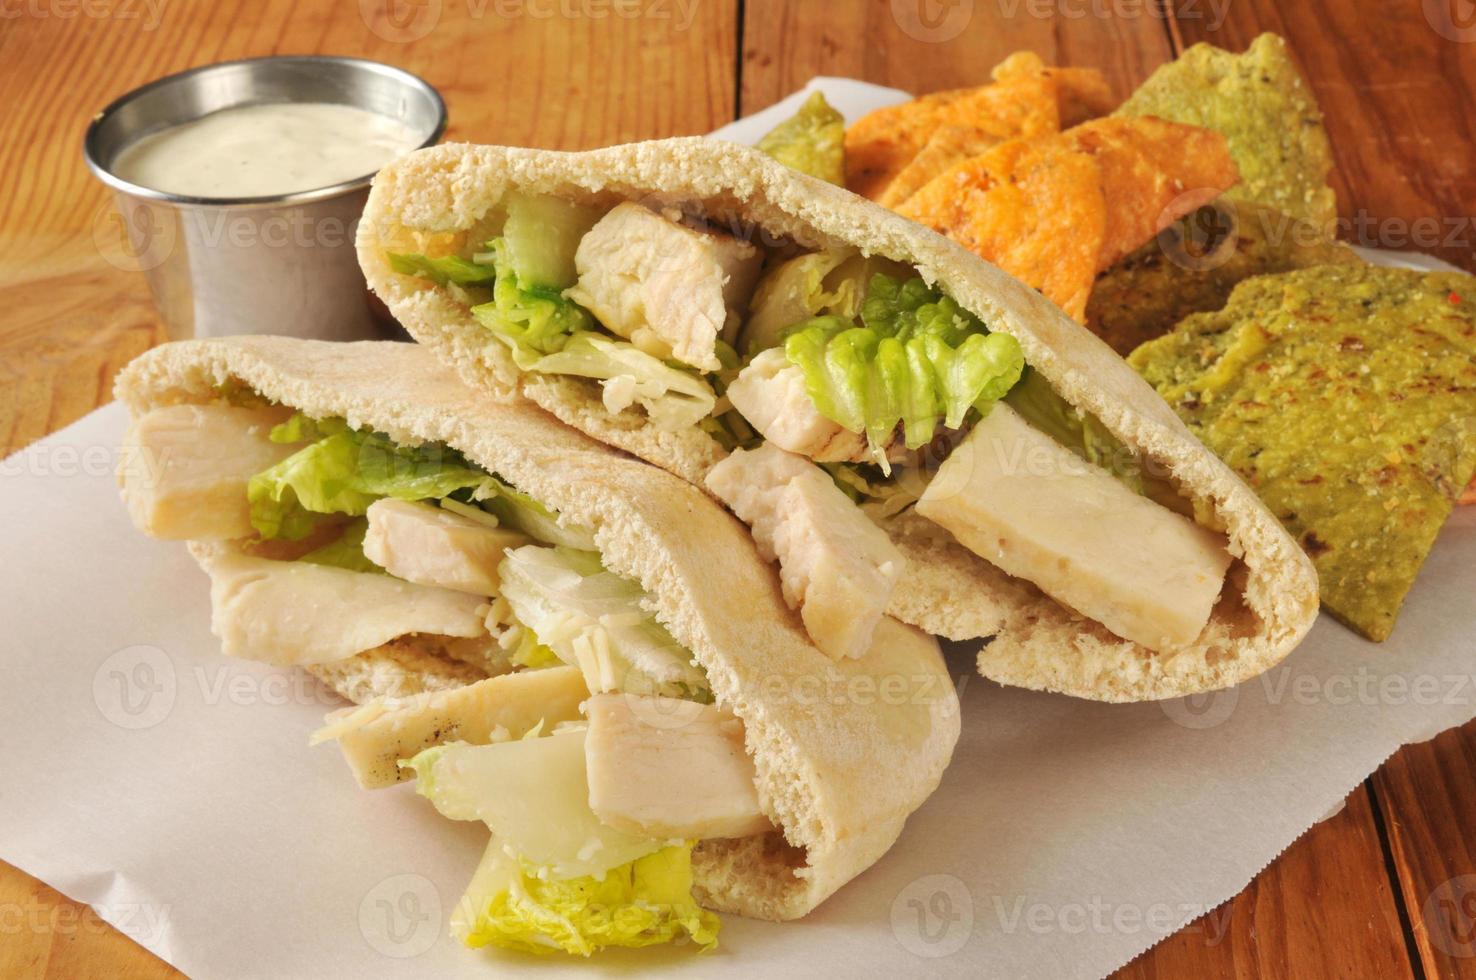 sanduíche de frango no pão pita foto